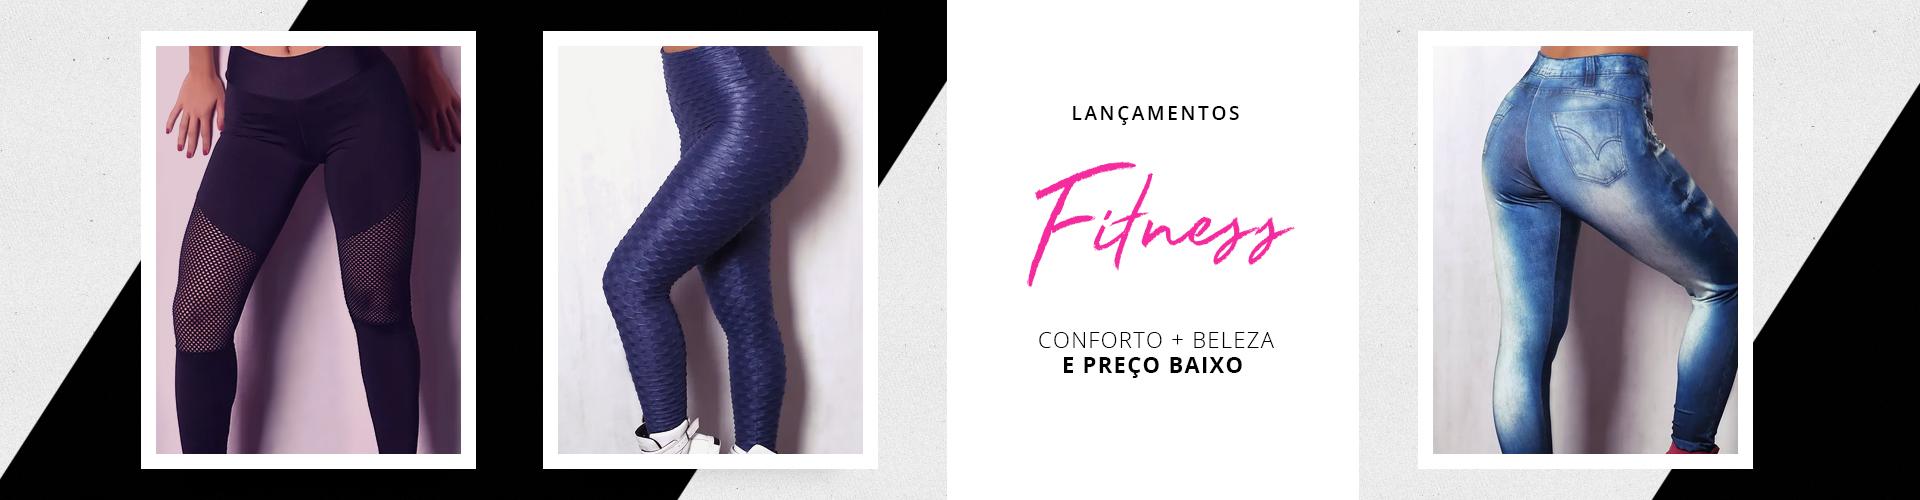 Lançamentos Fitness